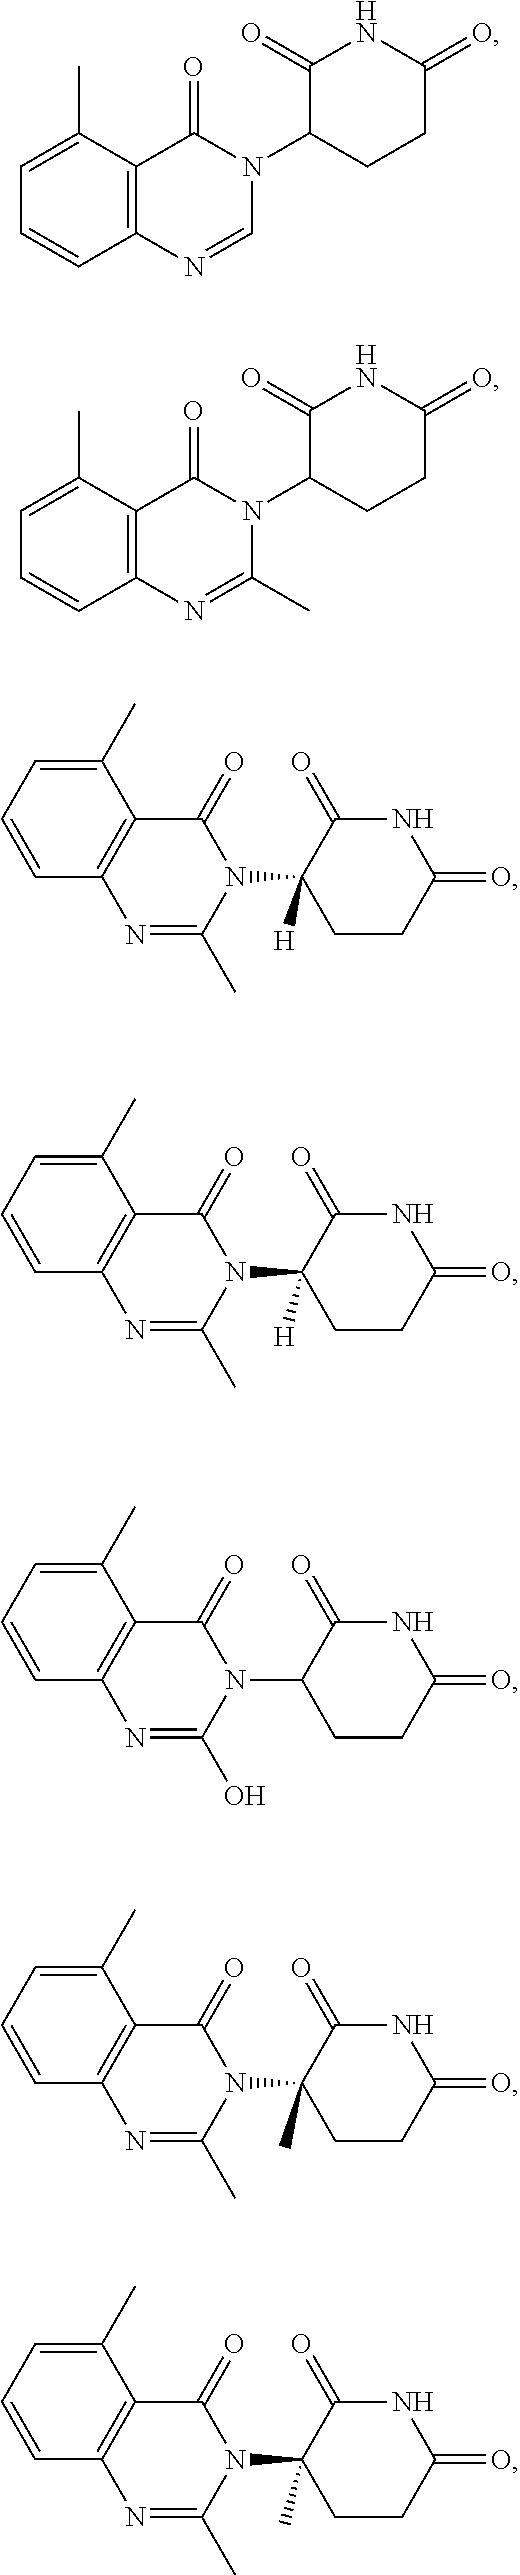 Figure US09587281-20170307-C00030